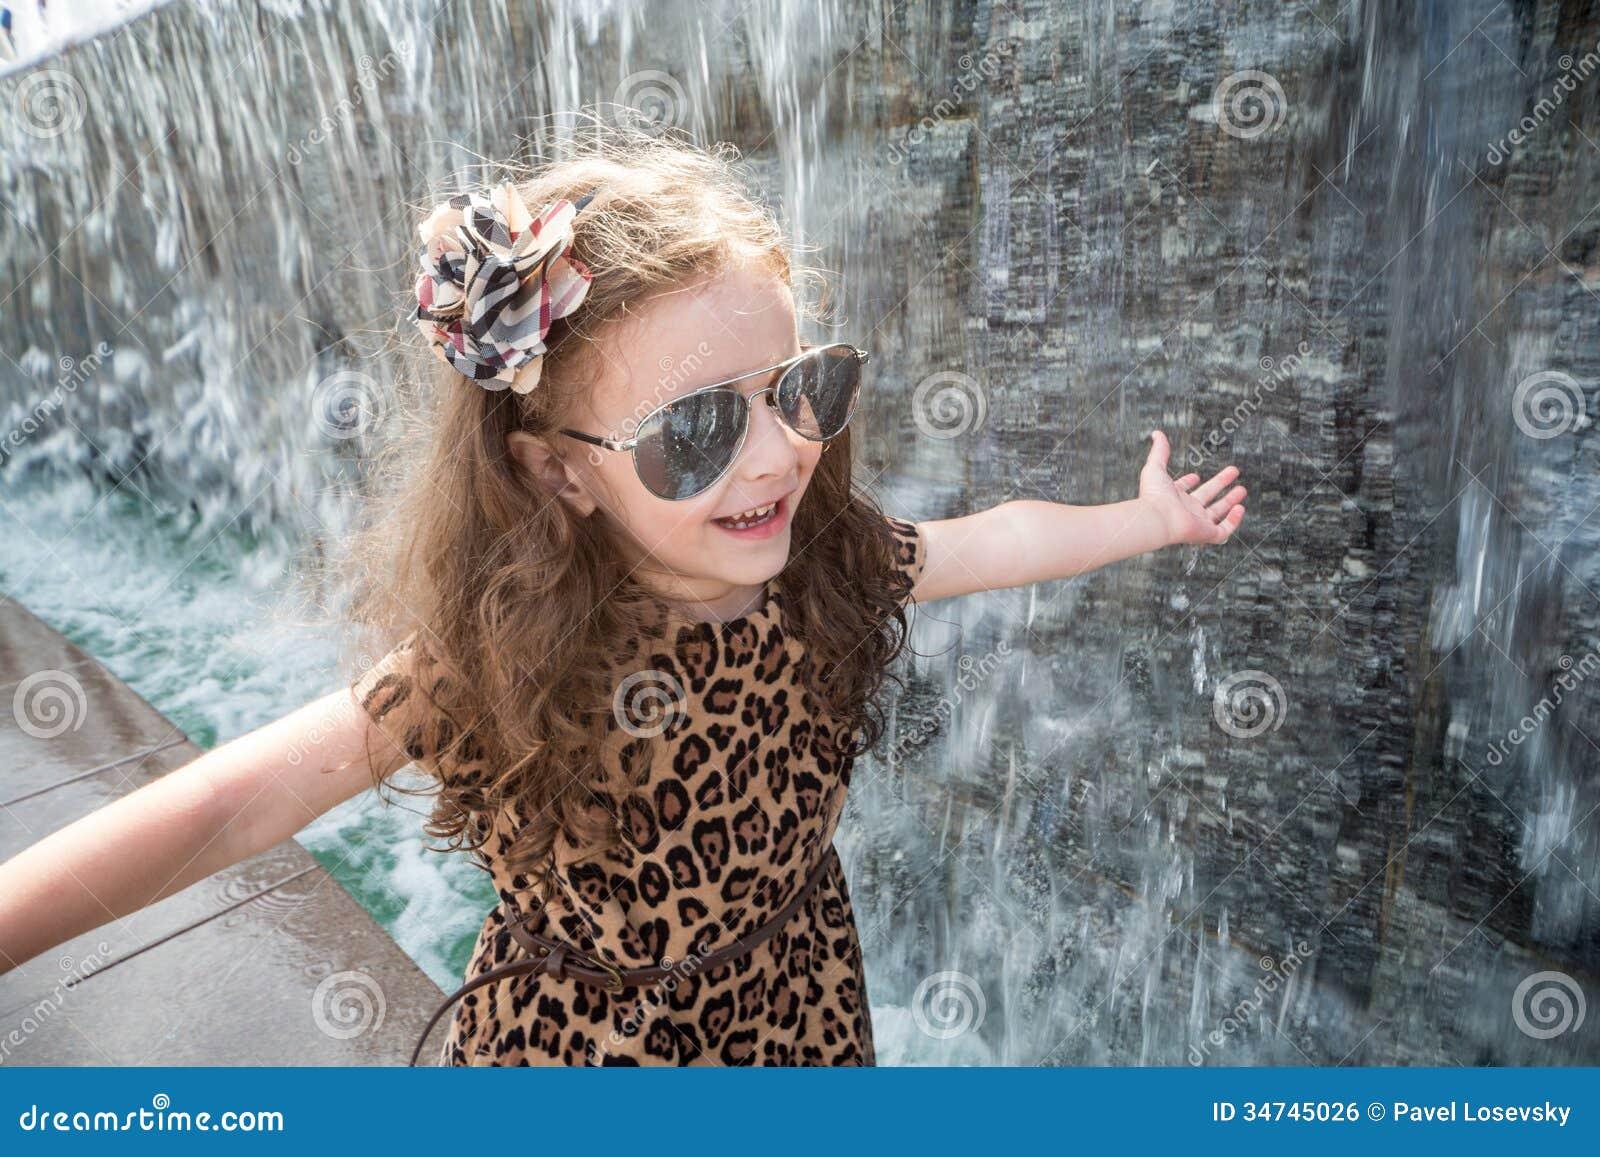 Фото как маленькая девочка трогает писюн 20 фотография